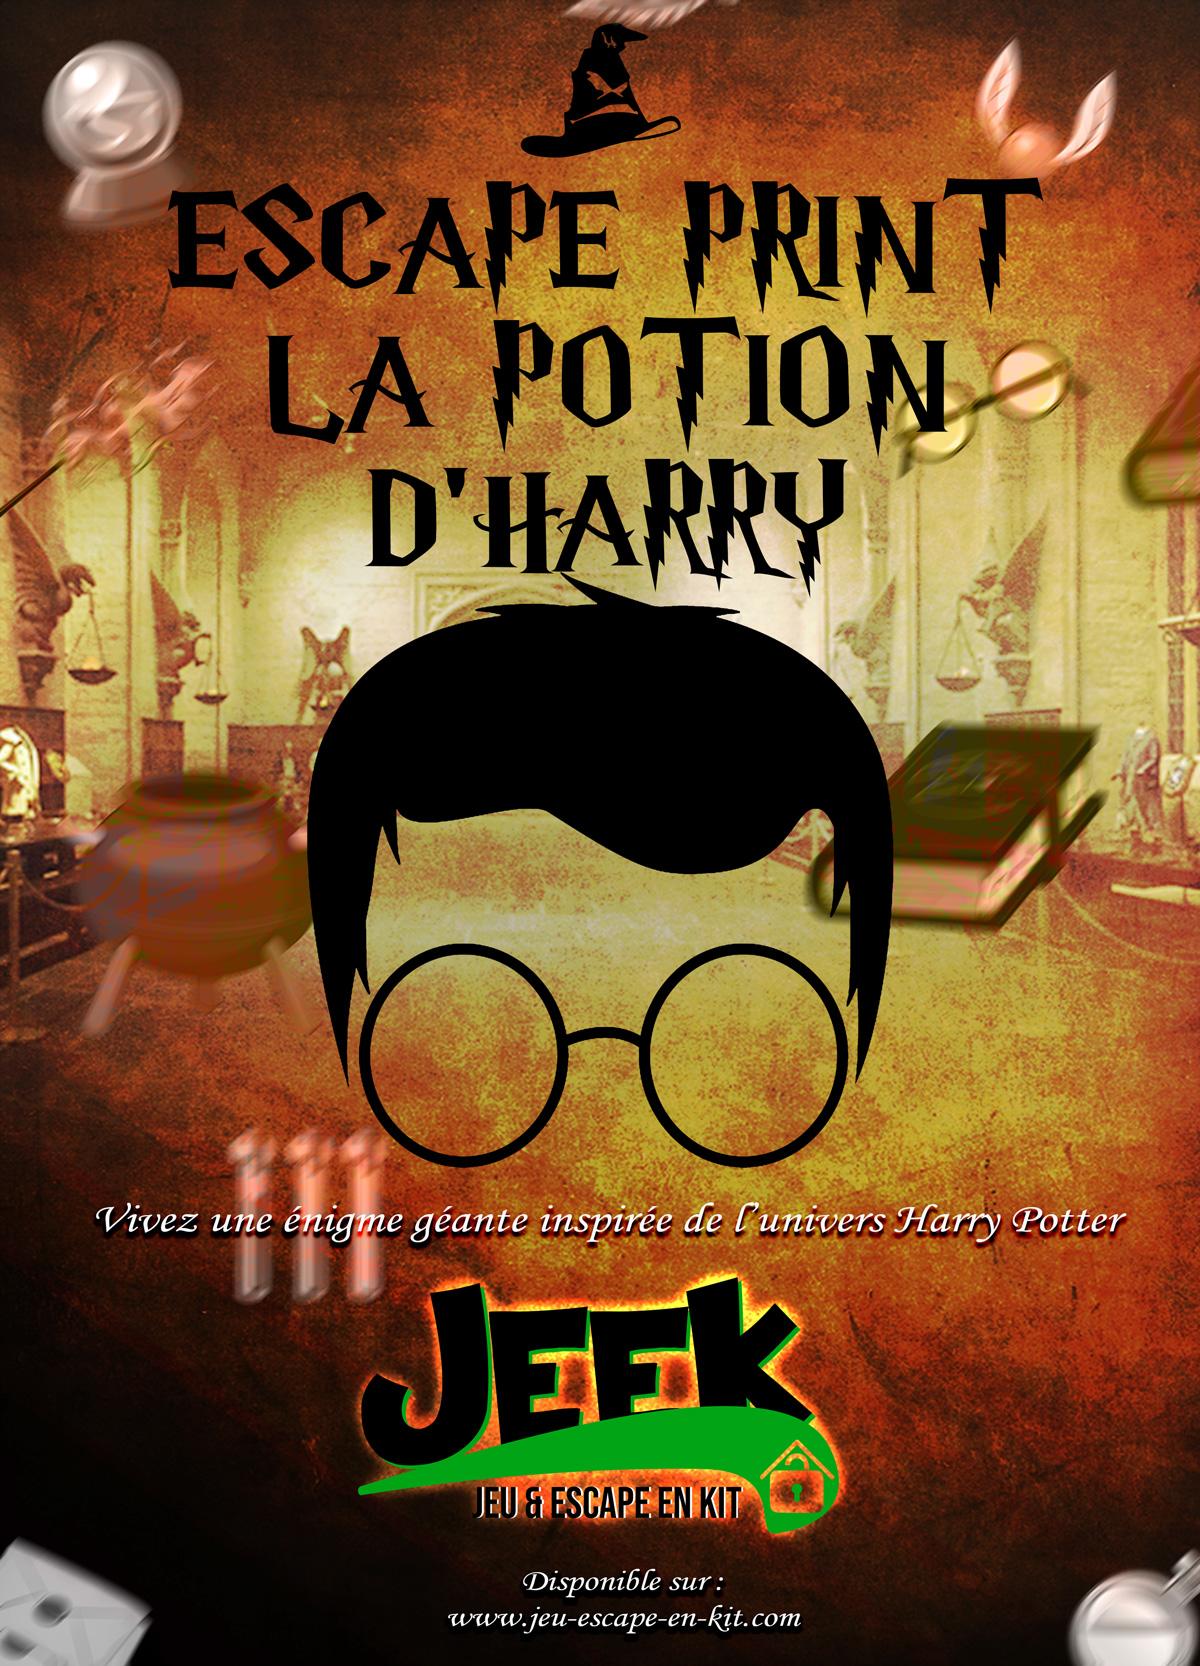 escape print la potion harry potter